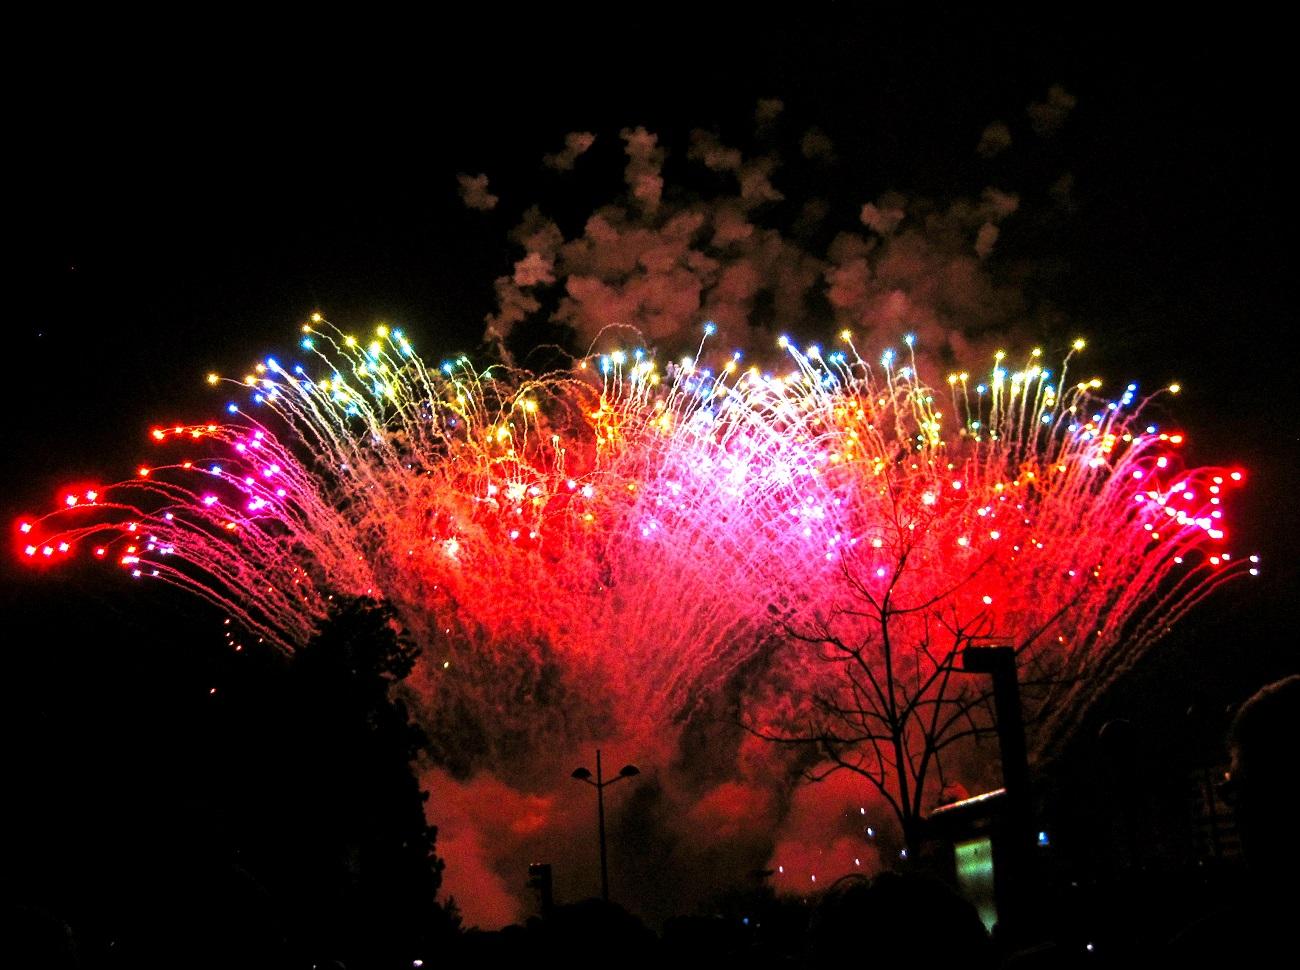 Nopţile din timpul Festivalului Las Fallas se încheie cu focuri de artificii spectaculoase